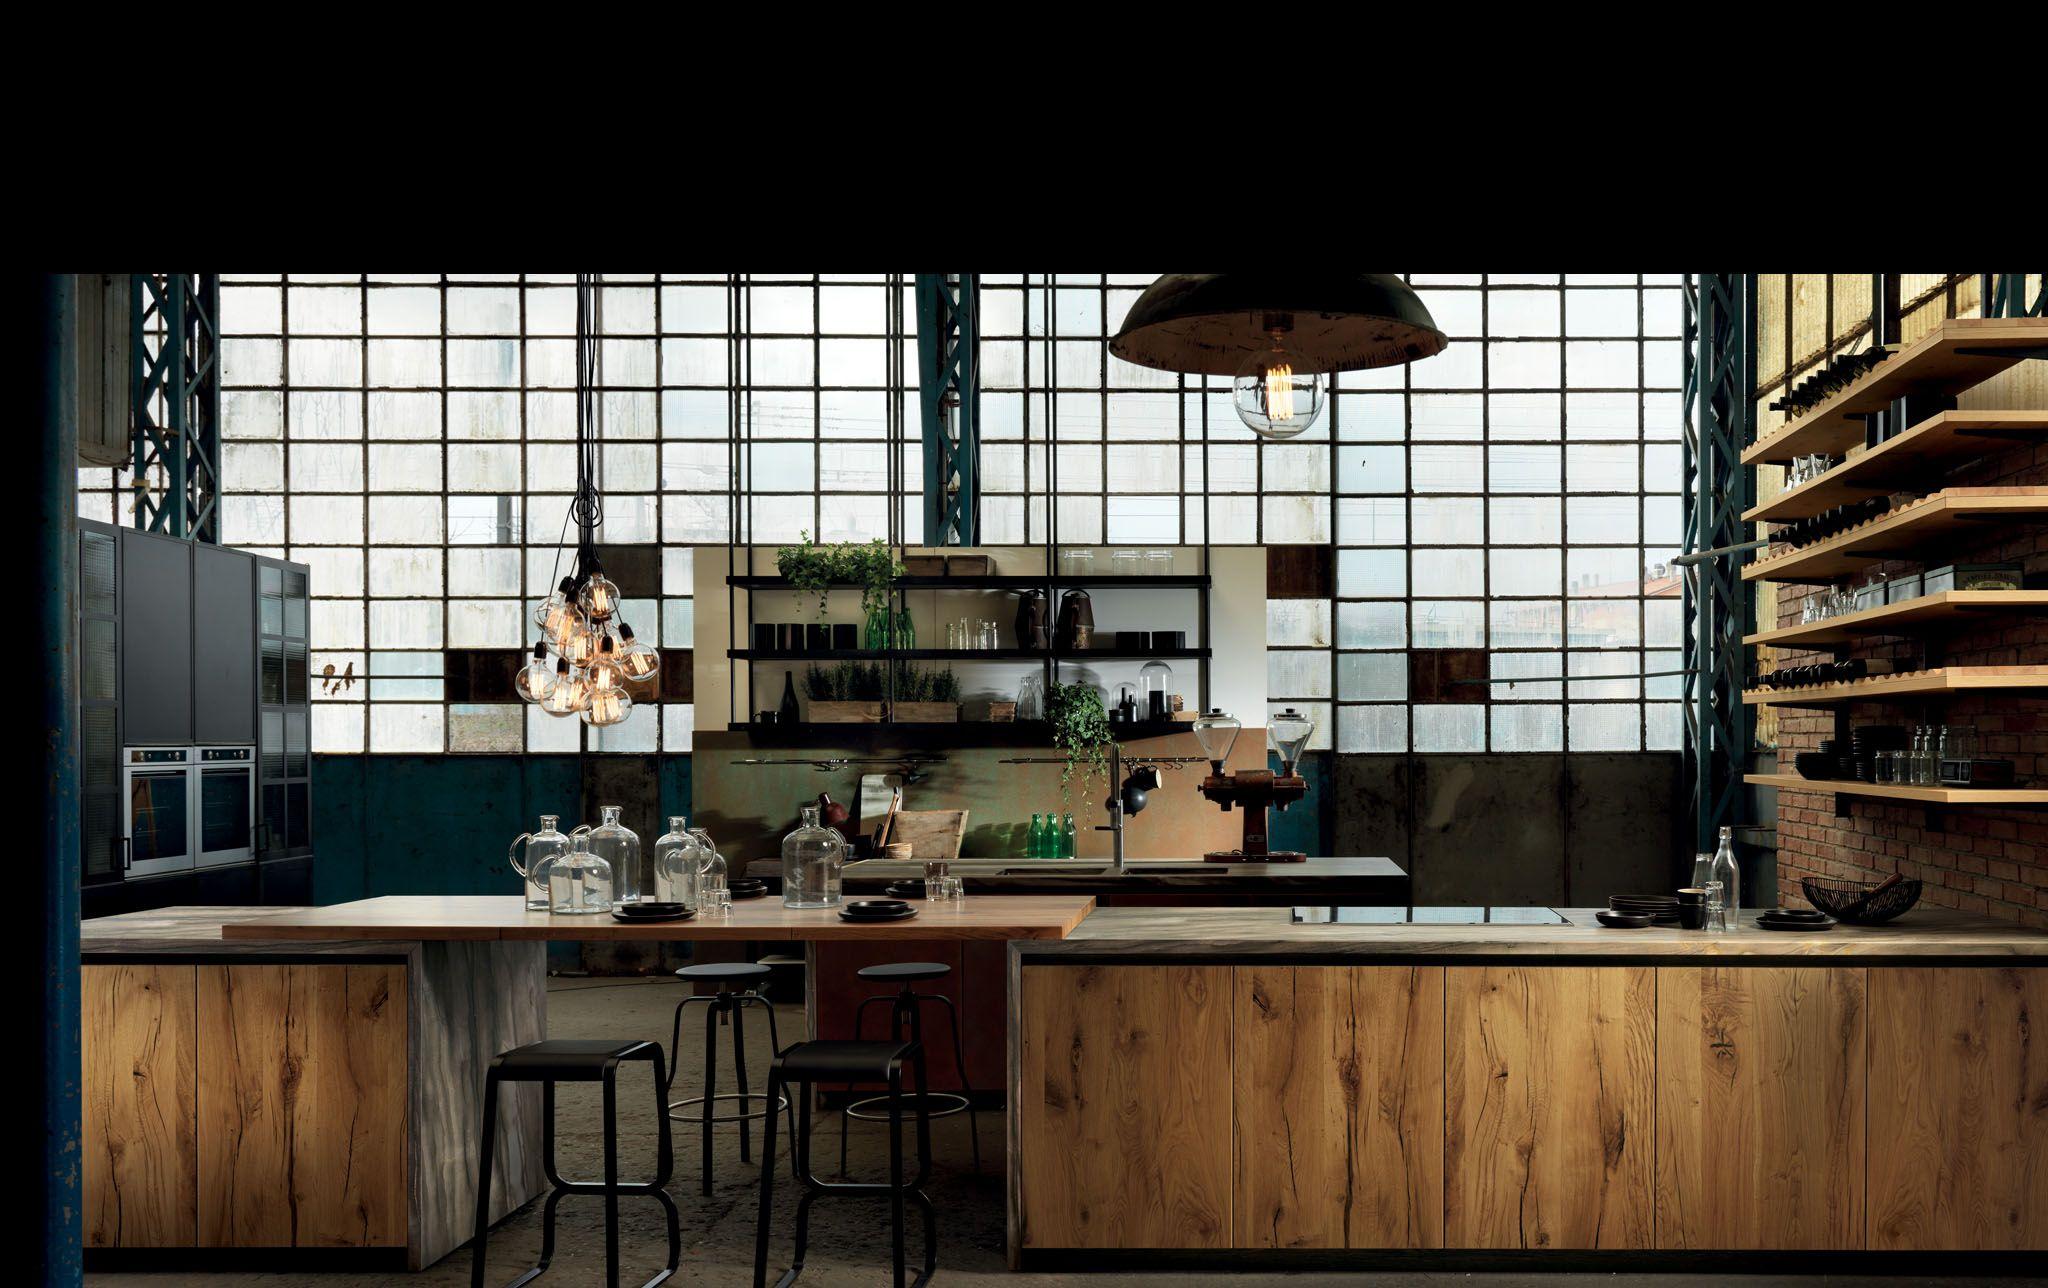 Aster Cucine Atelier kitchen cabinets | Modern kitchen idae ...